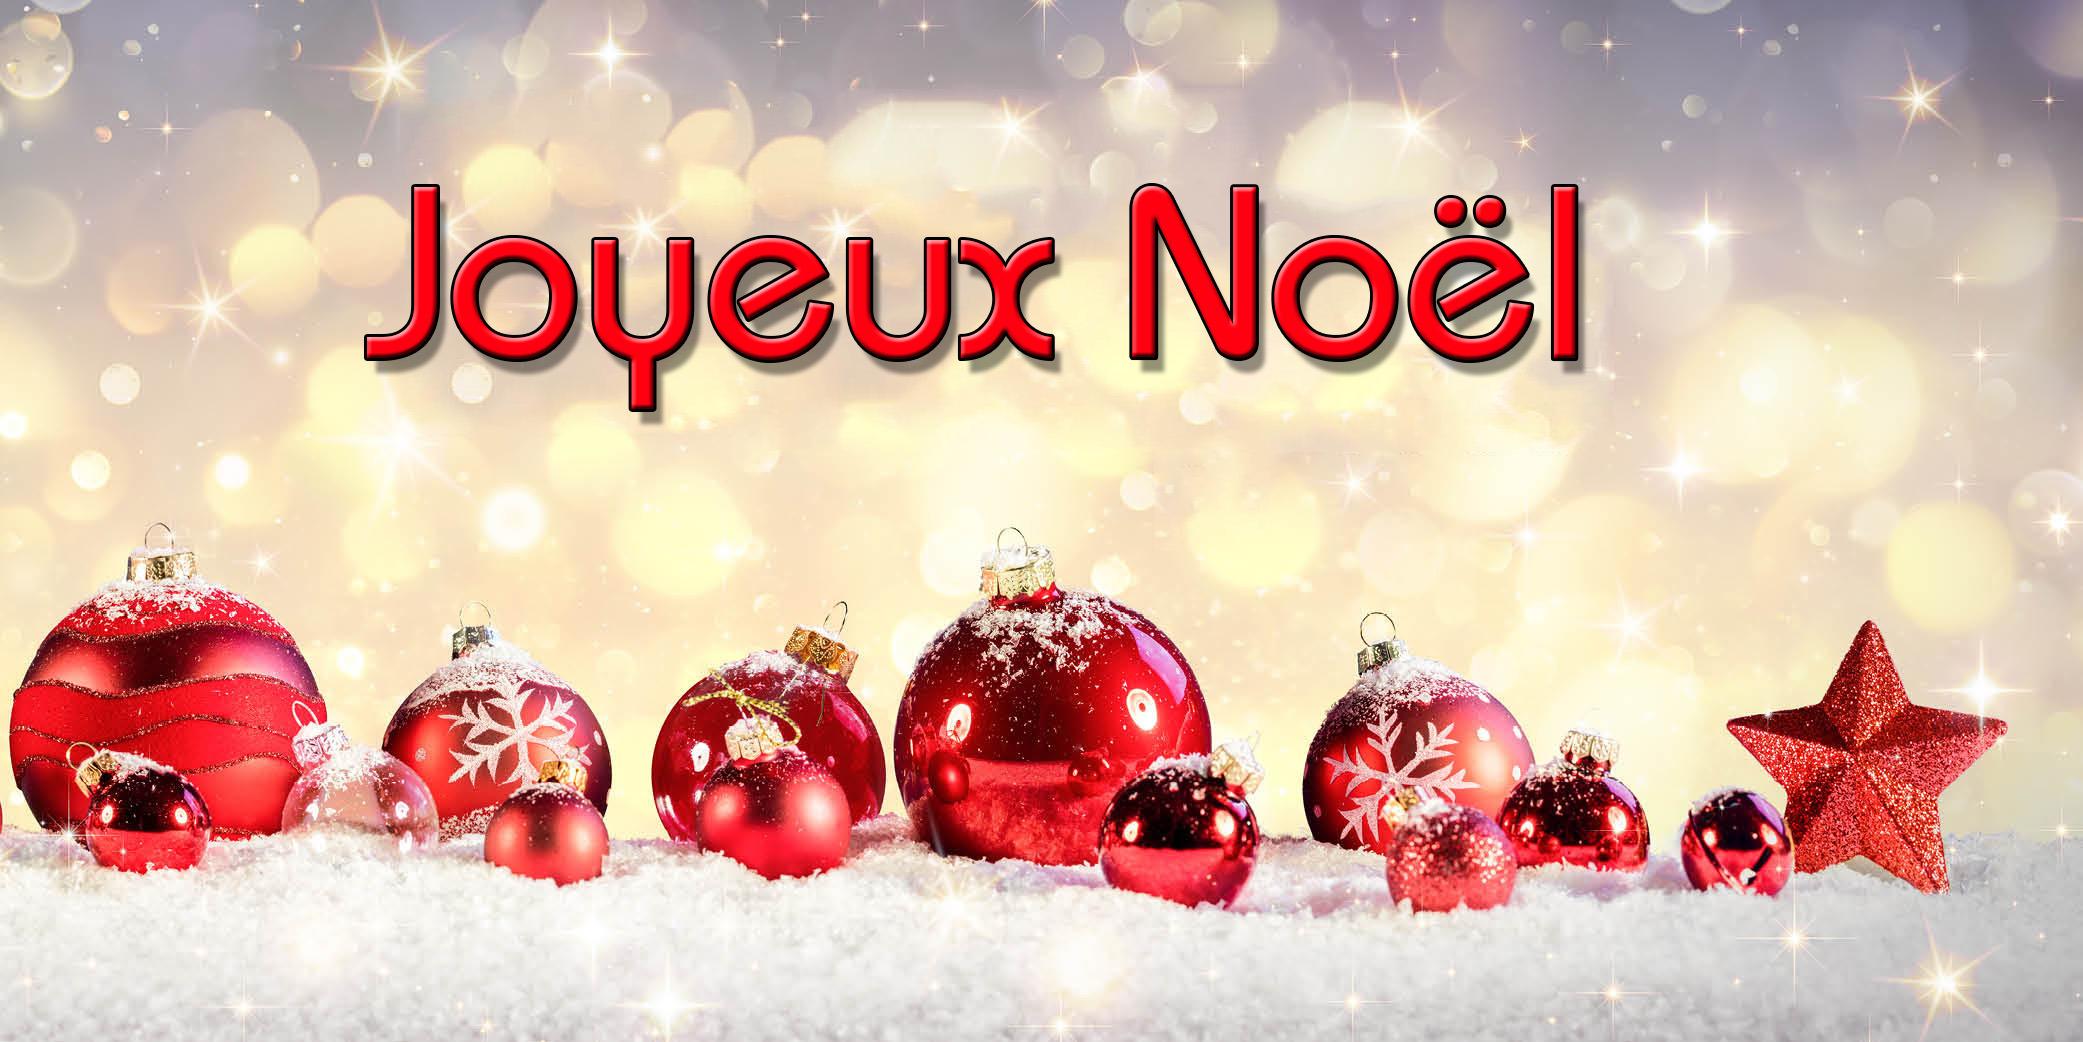 L'équipe Flytagger vous souhaite un Joyeux Noel ! - Flytagger